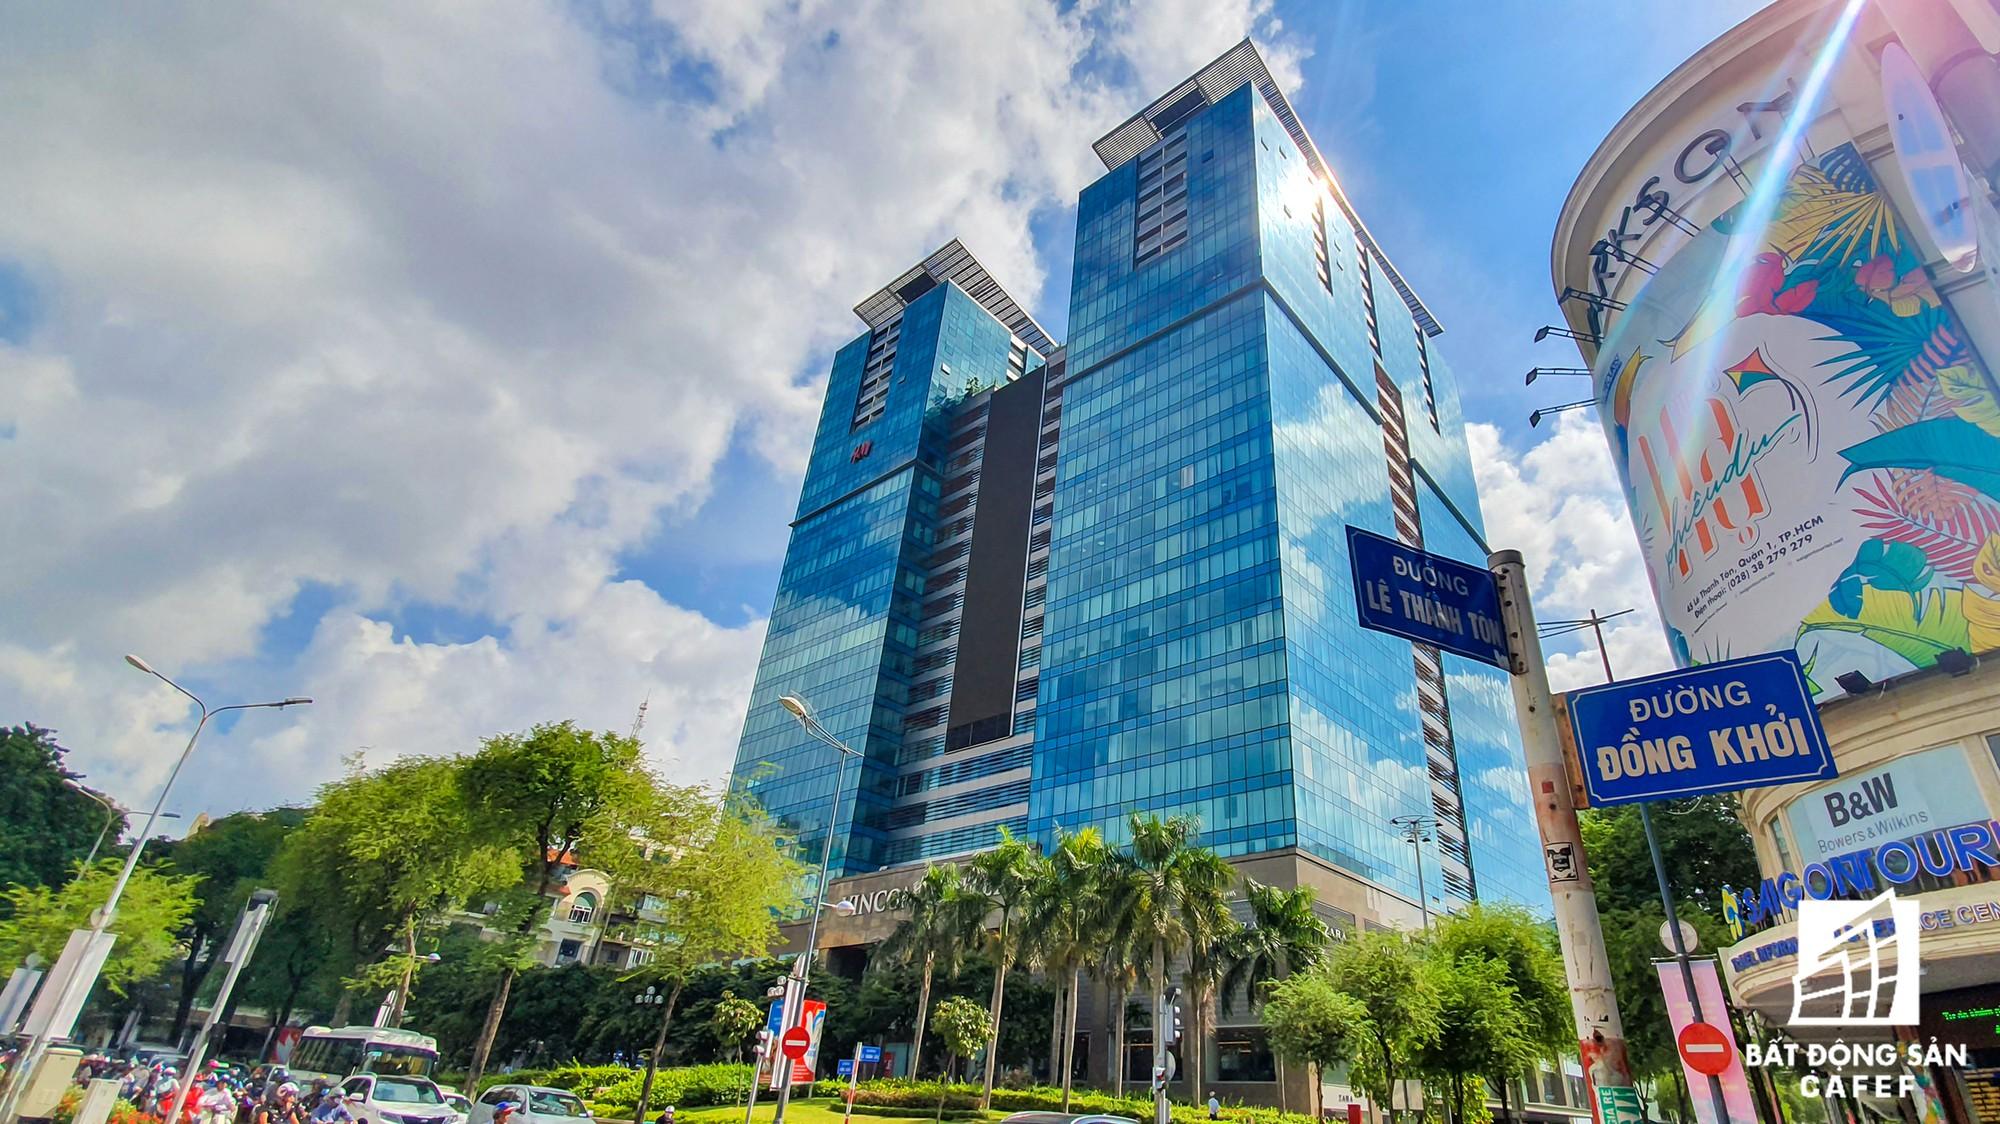 Toàn cảnh con đường có giá bất động sản đắt đỏ nhất Việt Nam, lên tới 2 tỷ đồng một m2 - Ảnh 17.